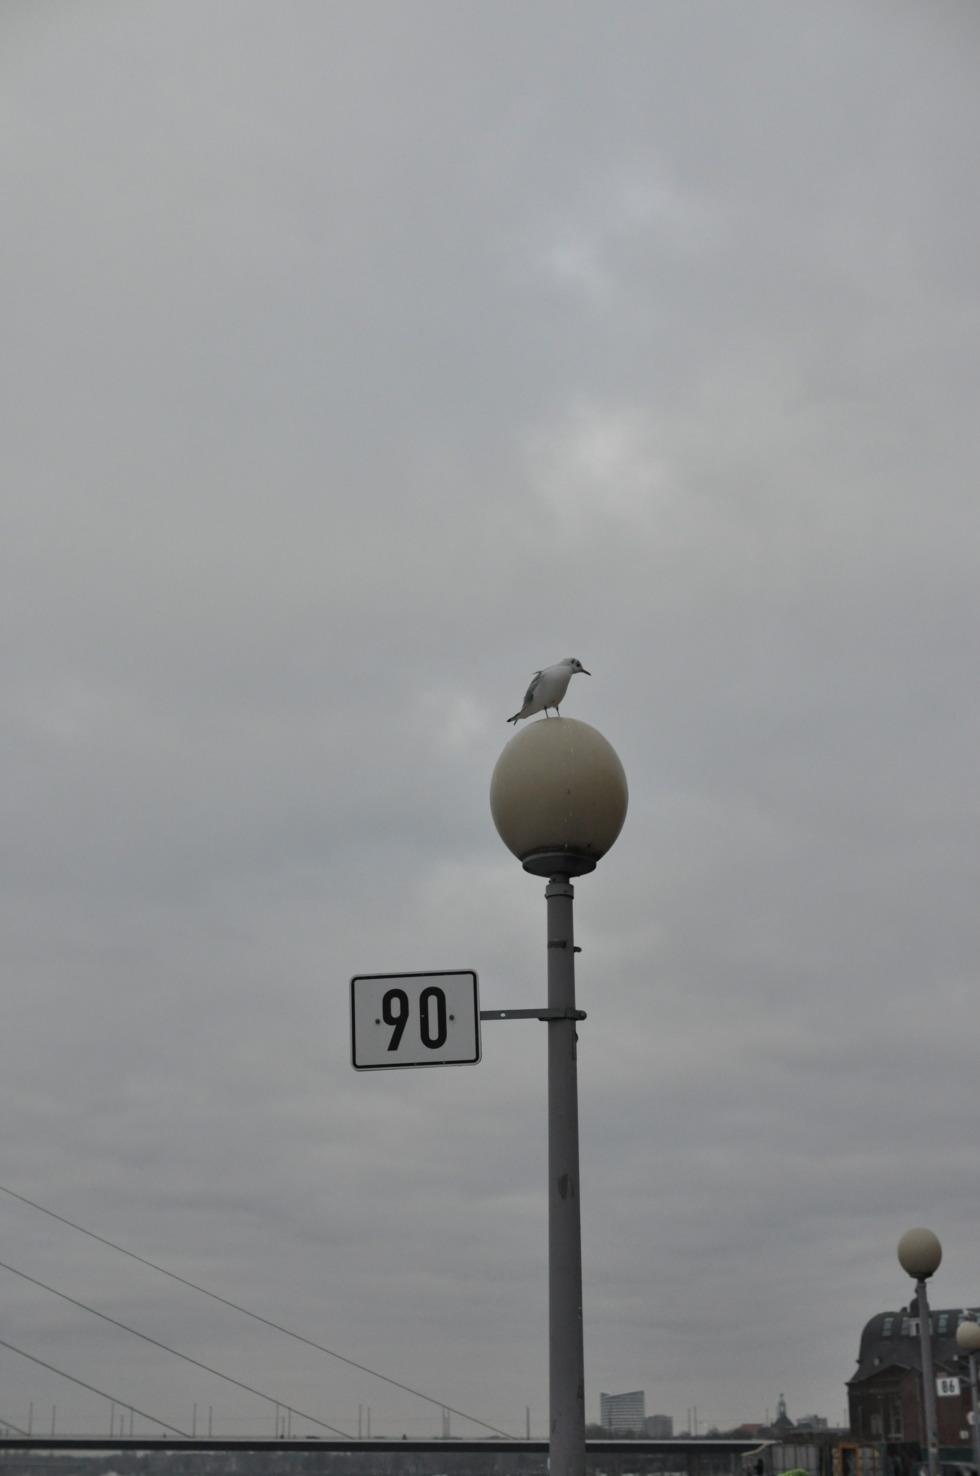 Seagull on a lantern at Medienhafen Düsseldorf